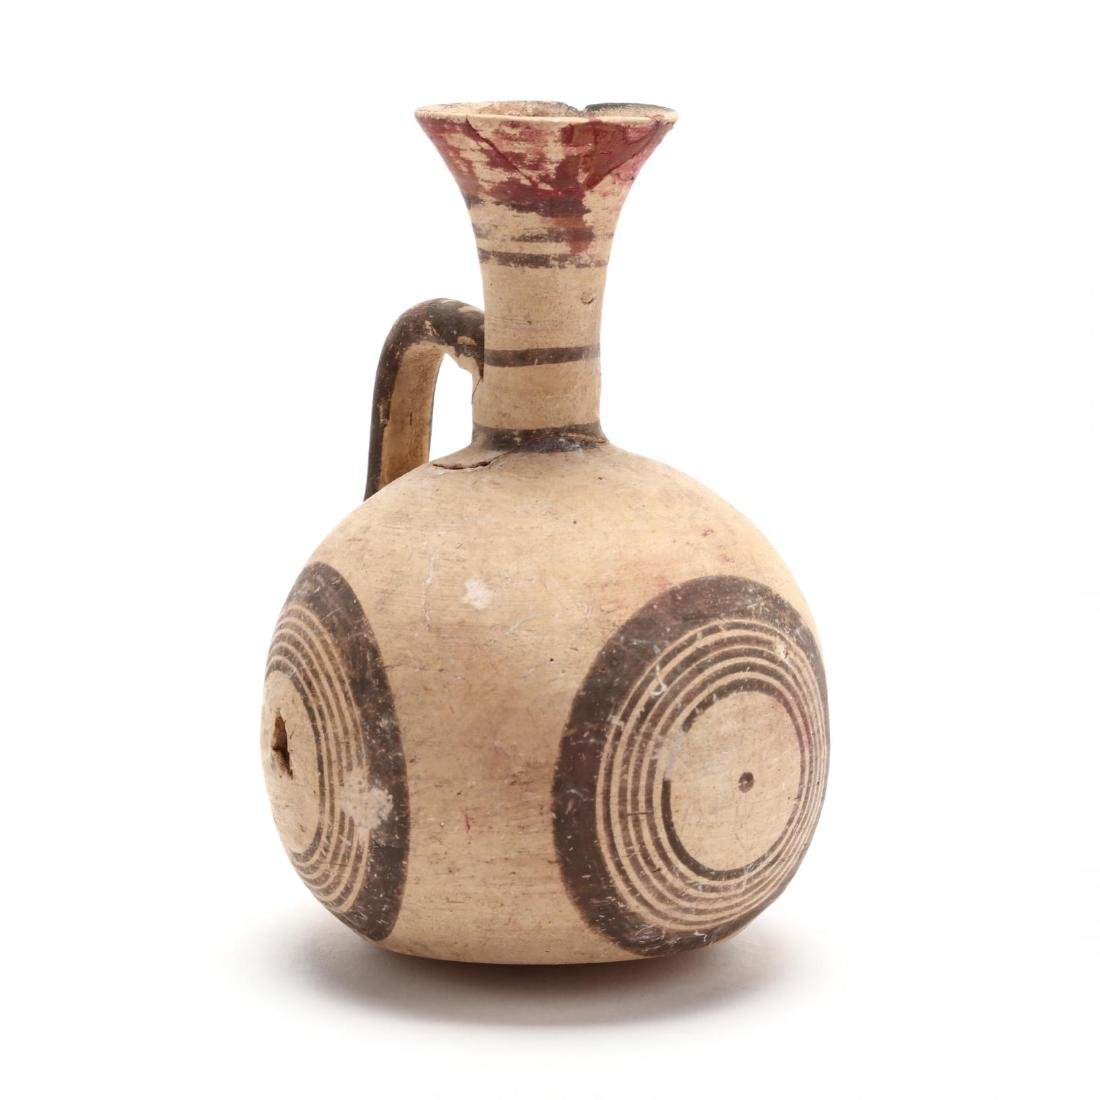 Cypro-Archaic Barrel Jug